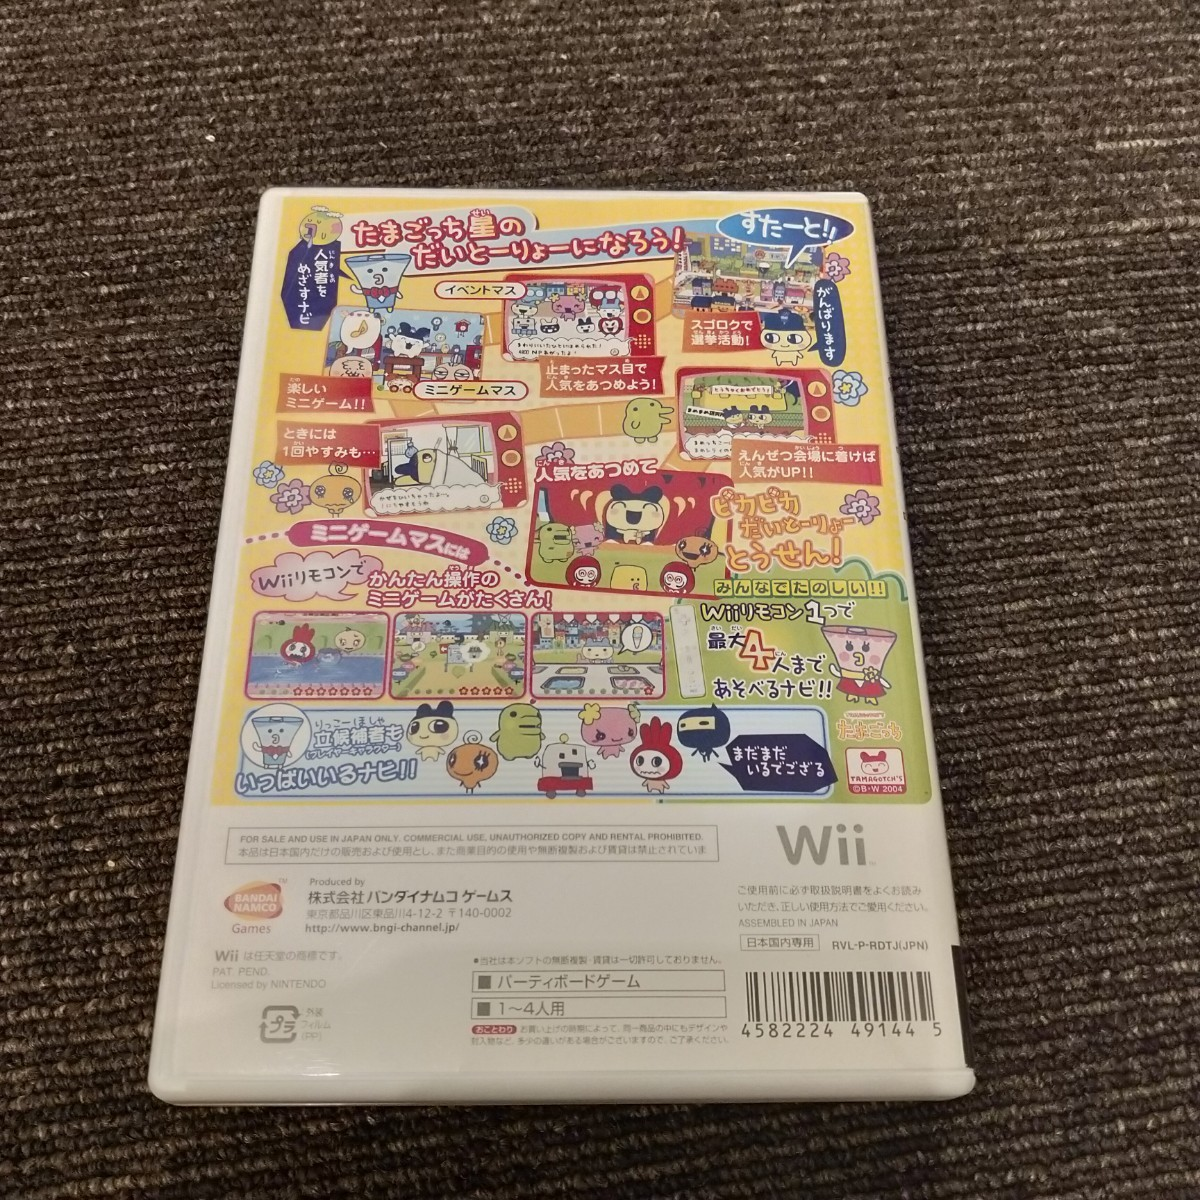 New スーパーマリオブラザーズ Wii 他 wiiソフト3本セット